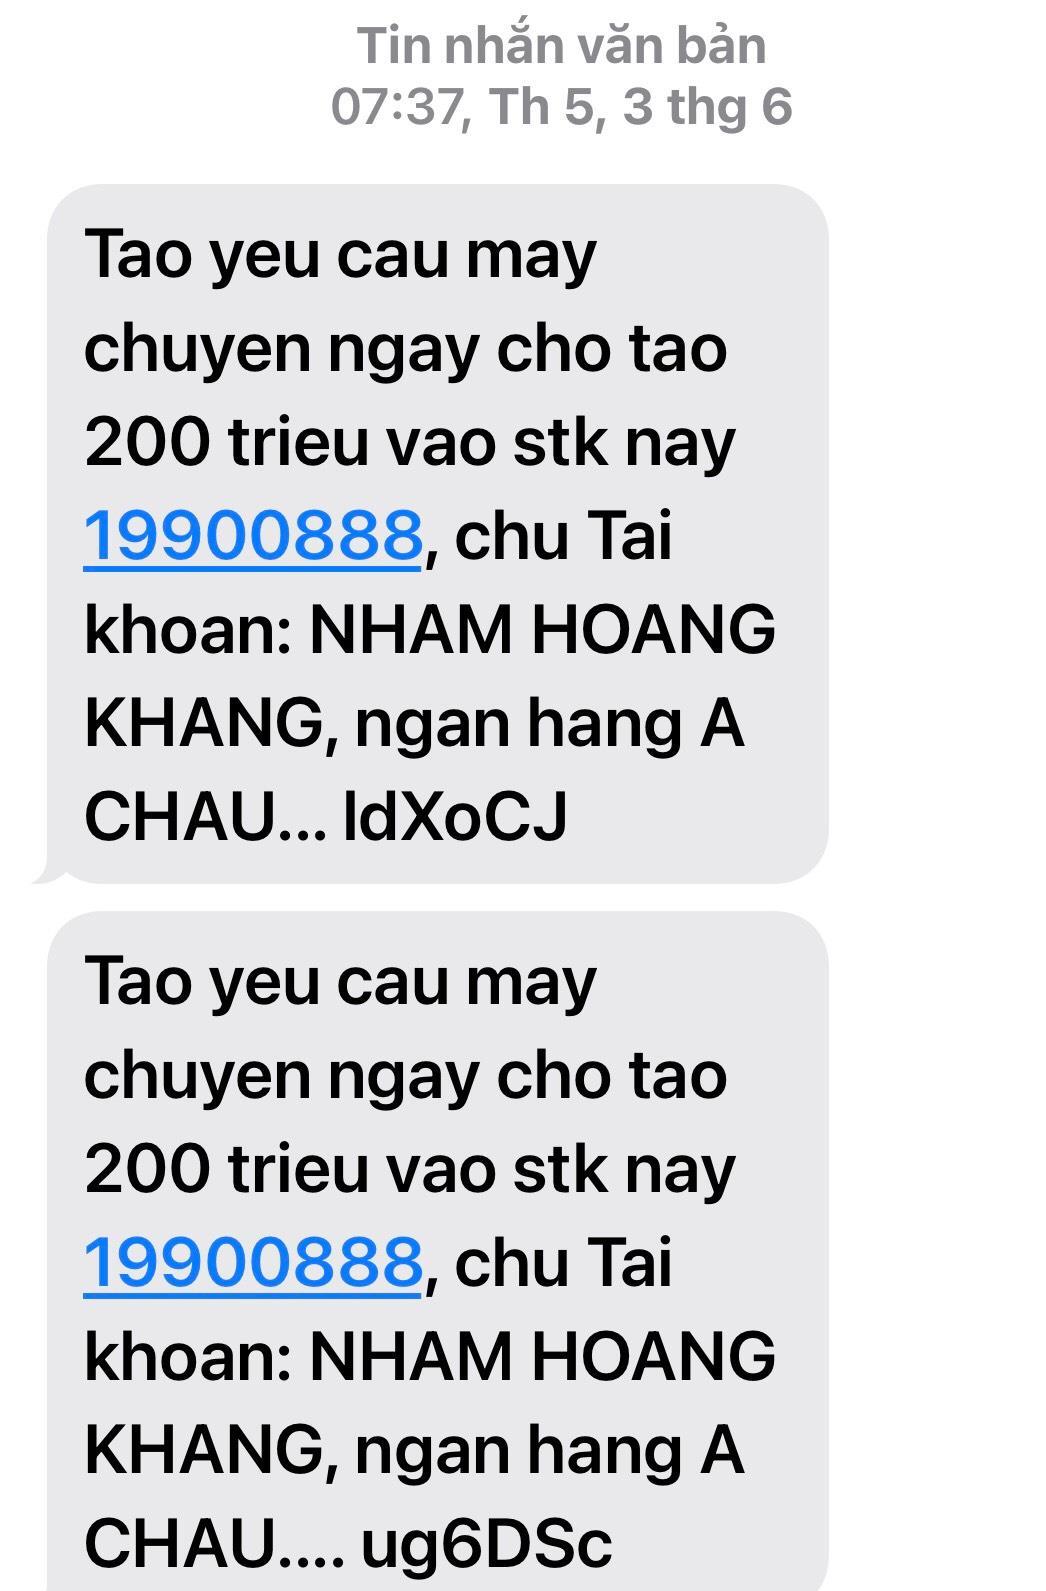 photo 1633408881748 163340888207413772480 Nếu bị kết án về hành vi tống tiền, Nhâm Hoàng Khang có thể bị phạt tù tới 20 năm